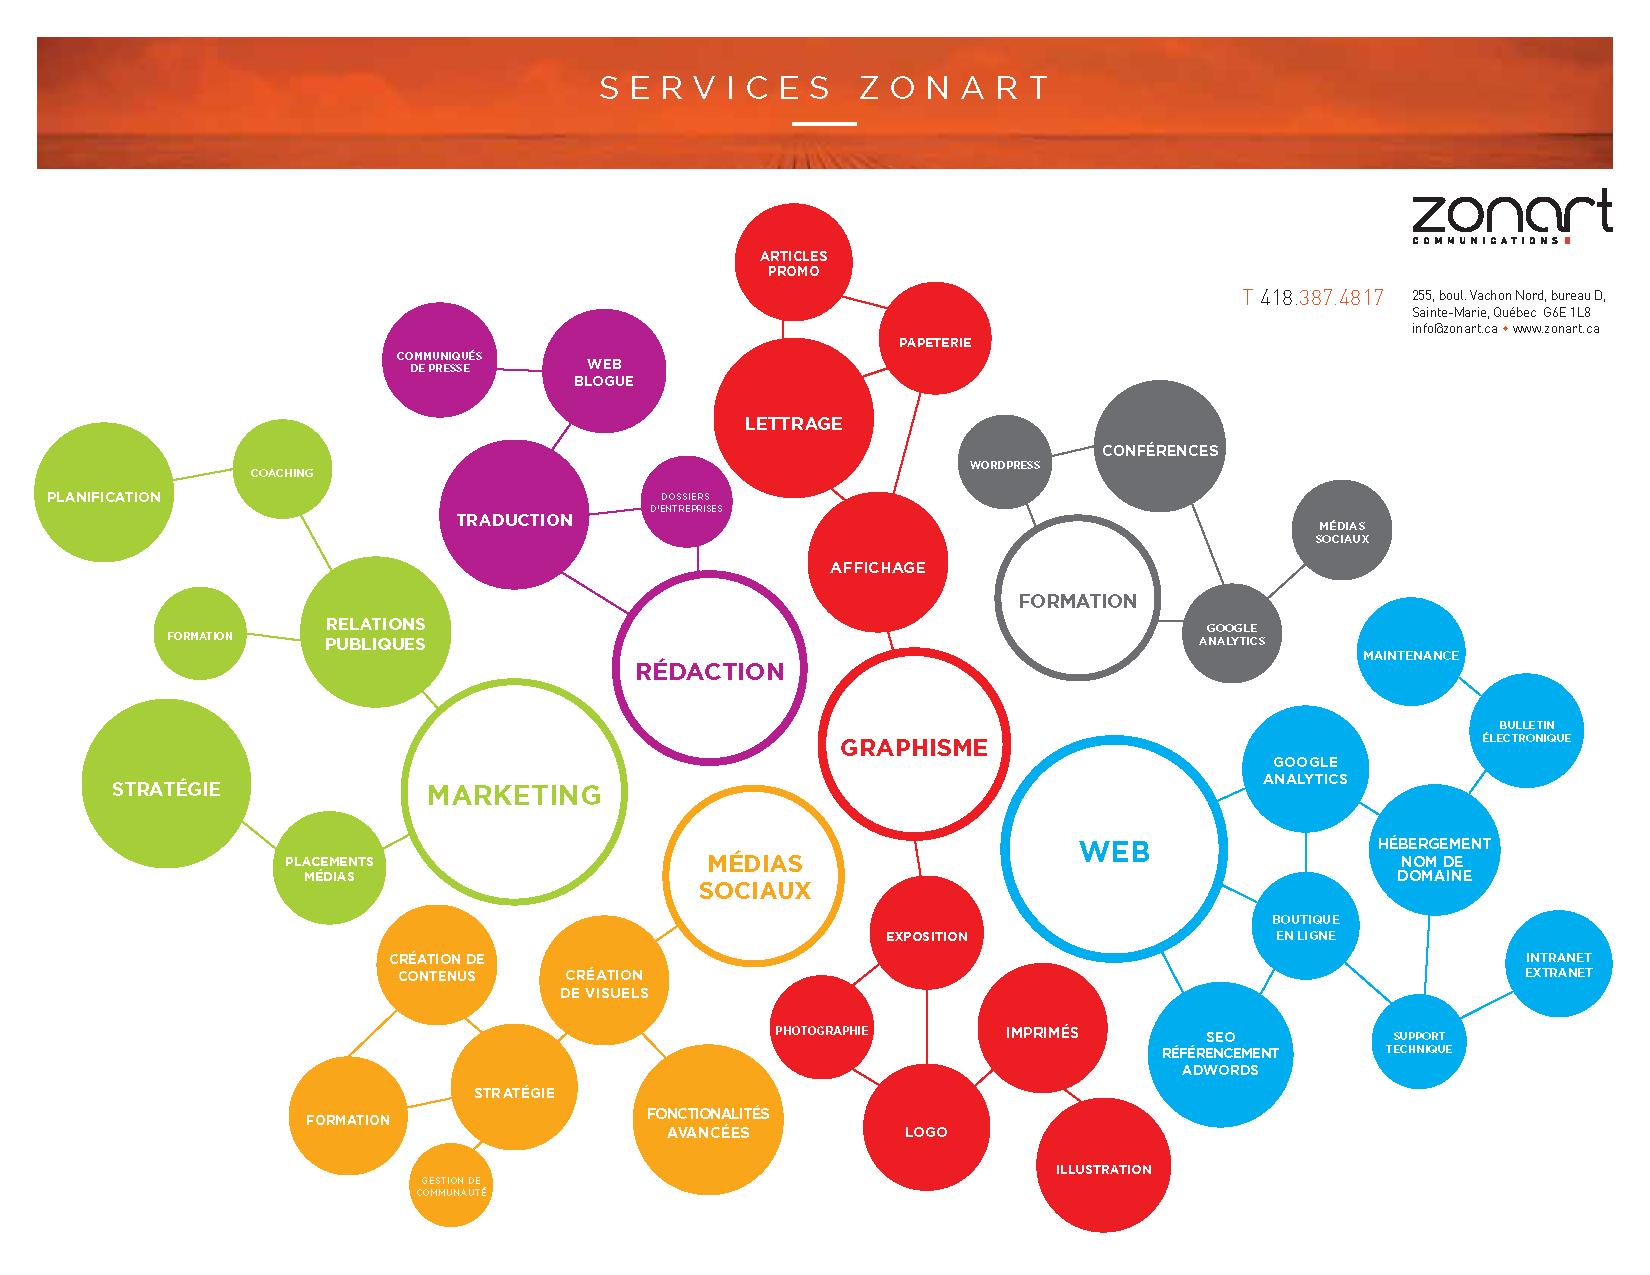 constellation-services-zonart